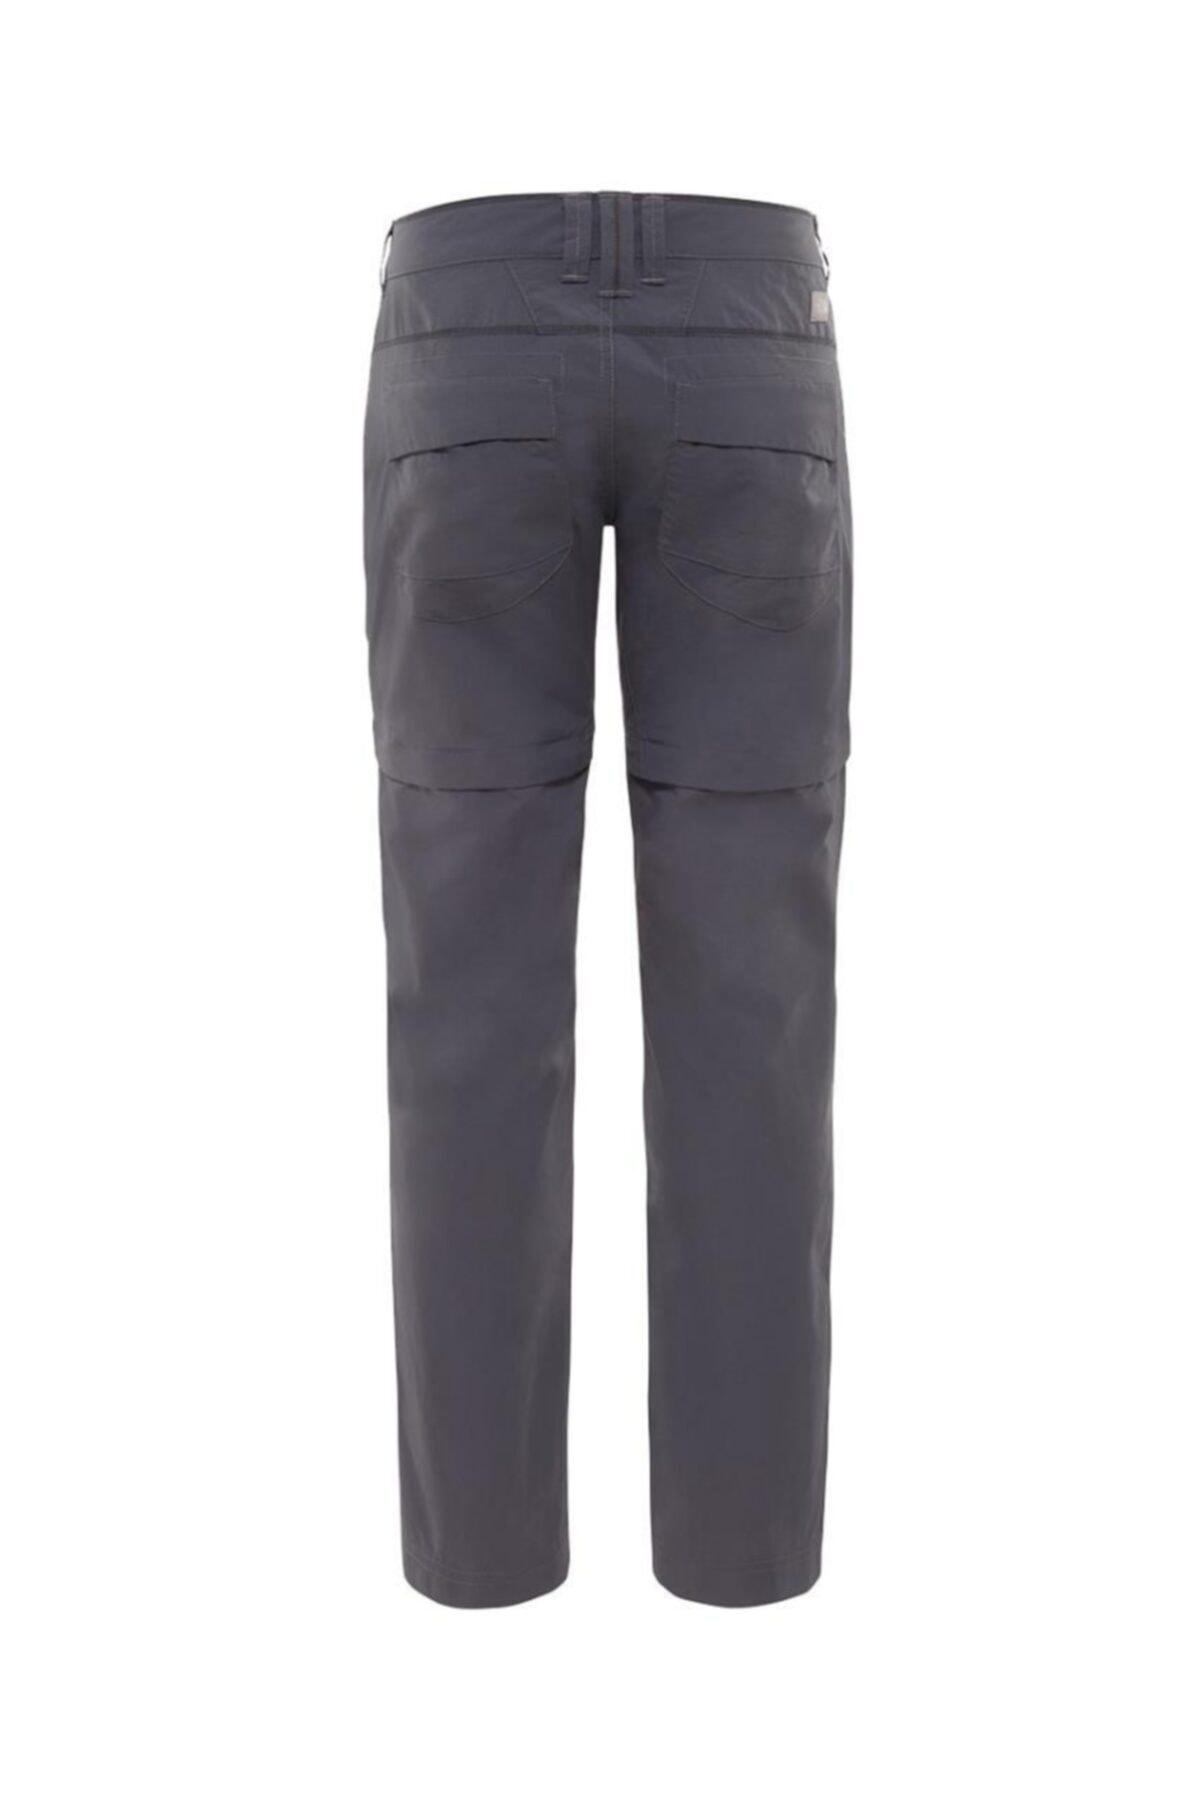 فروش انلاین شلوار ورزشی مردانه ارزان برند The North Face رنگ نقره ای کد ty3660854